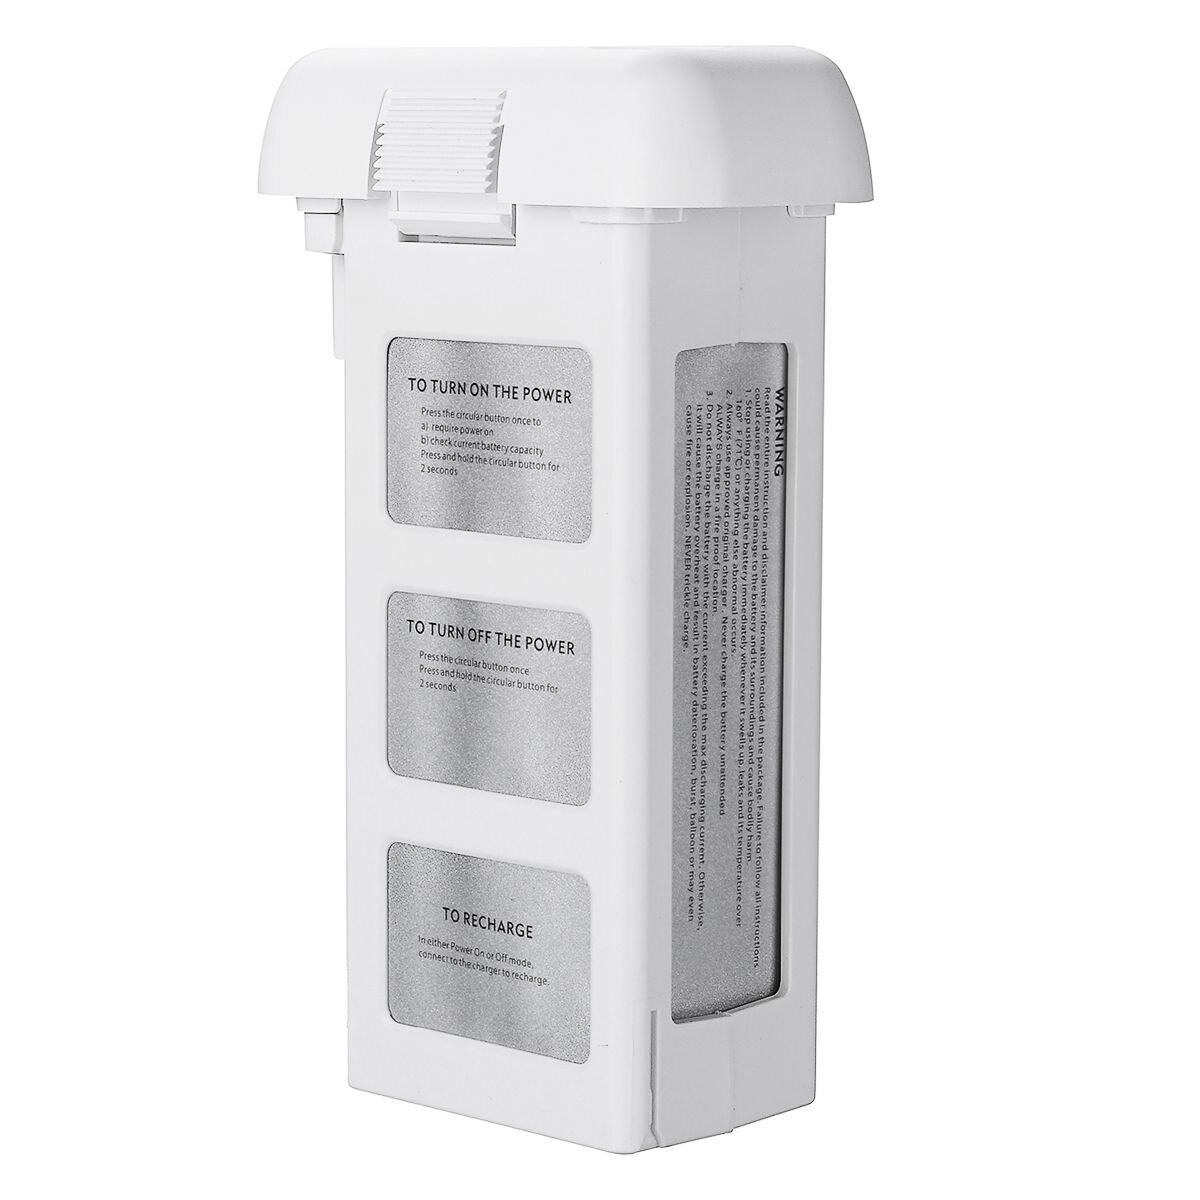 5200mA Подлинная интеллектуальная летная батарея DJI Phantom 2 3 11,1 В, LiPo 4S 856678P потребительская электронная батарея для дрона 2019 Новинка